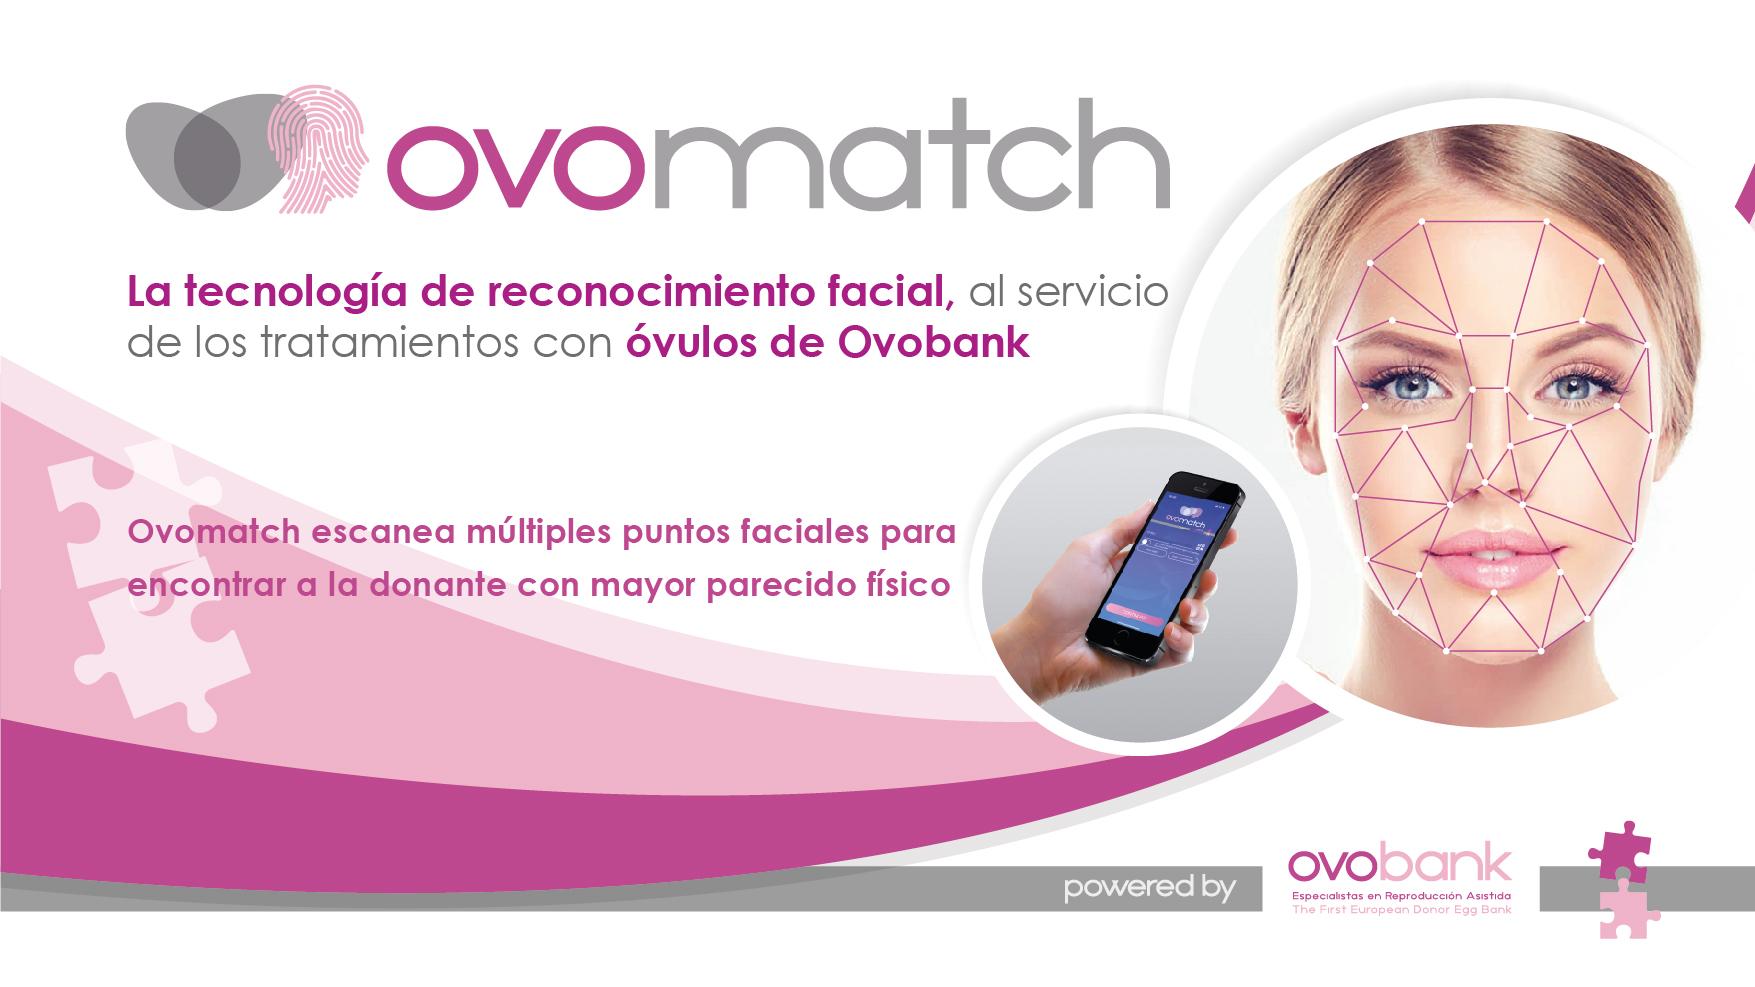 Una aplicación de reconocimiento facial para que los bebés nacidos gracias a la donación de óvulos puedan parecerse a sus padres